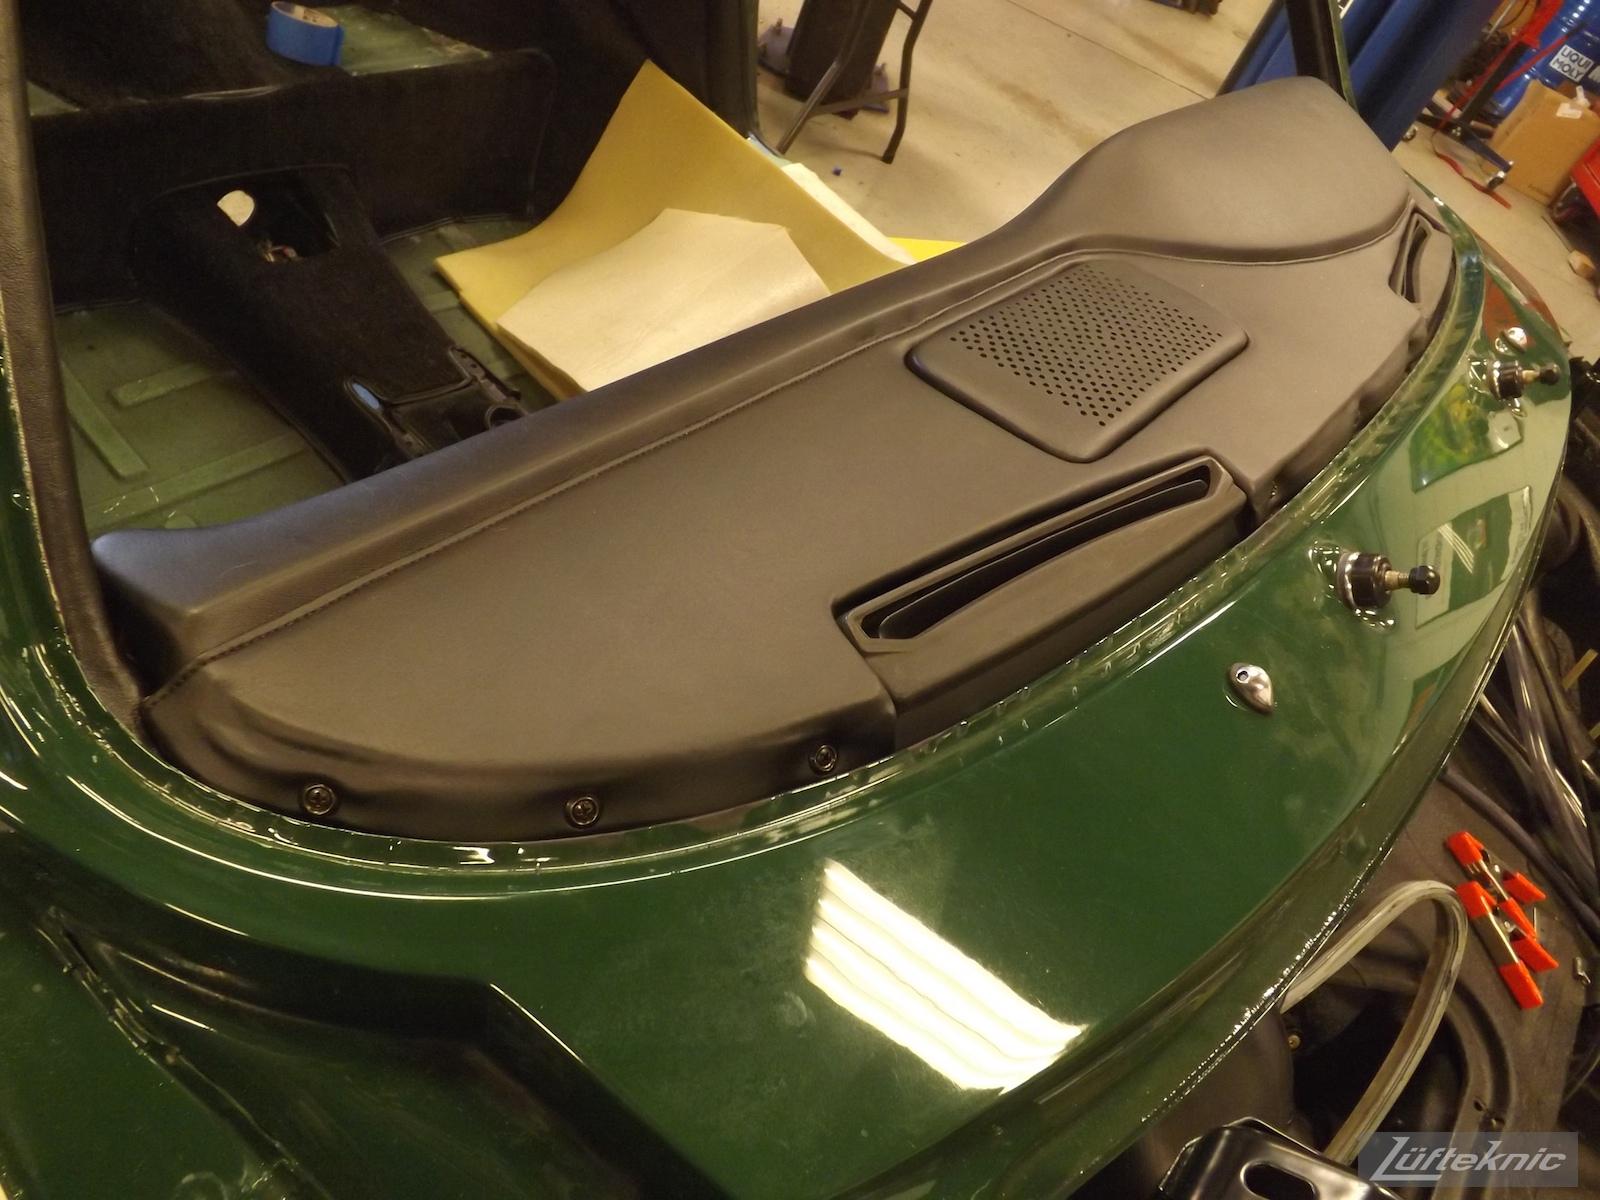 Installed new dash board on an Irish Green Porsche 912 undergoing restoration at Lufteknic.